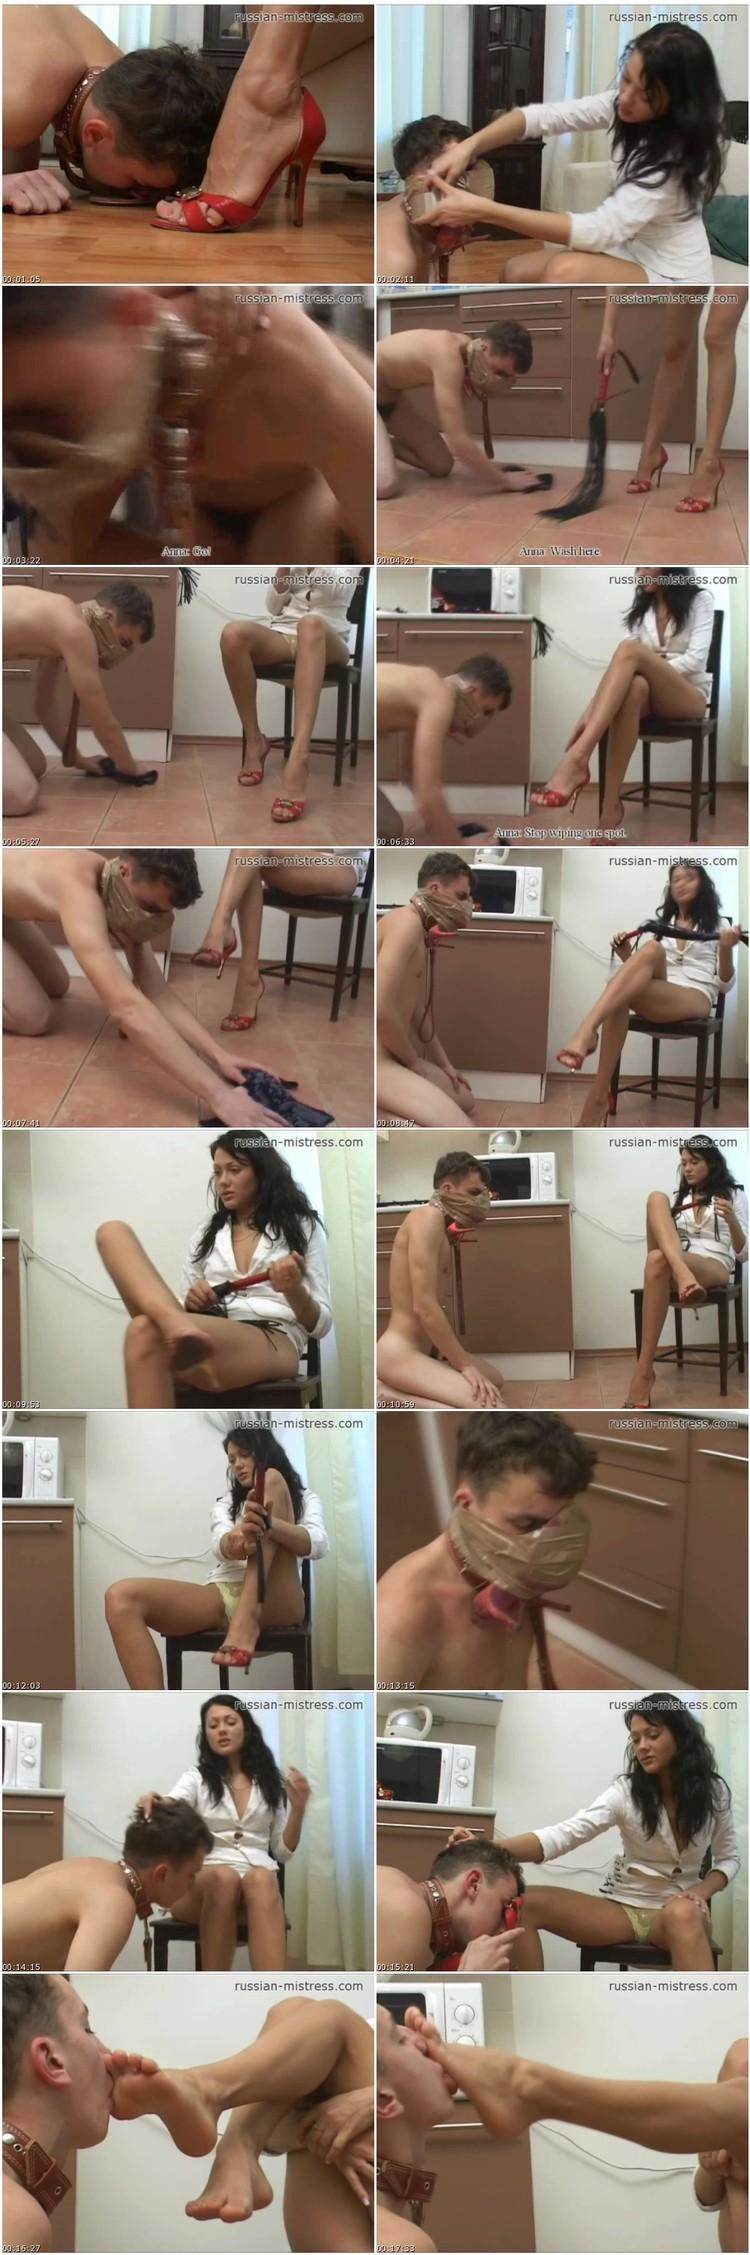 Russian-Mistress027_thumb,